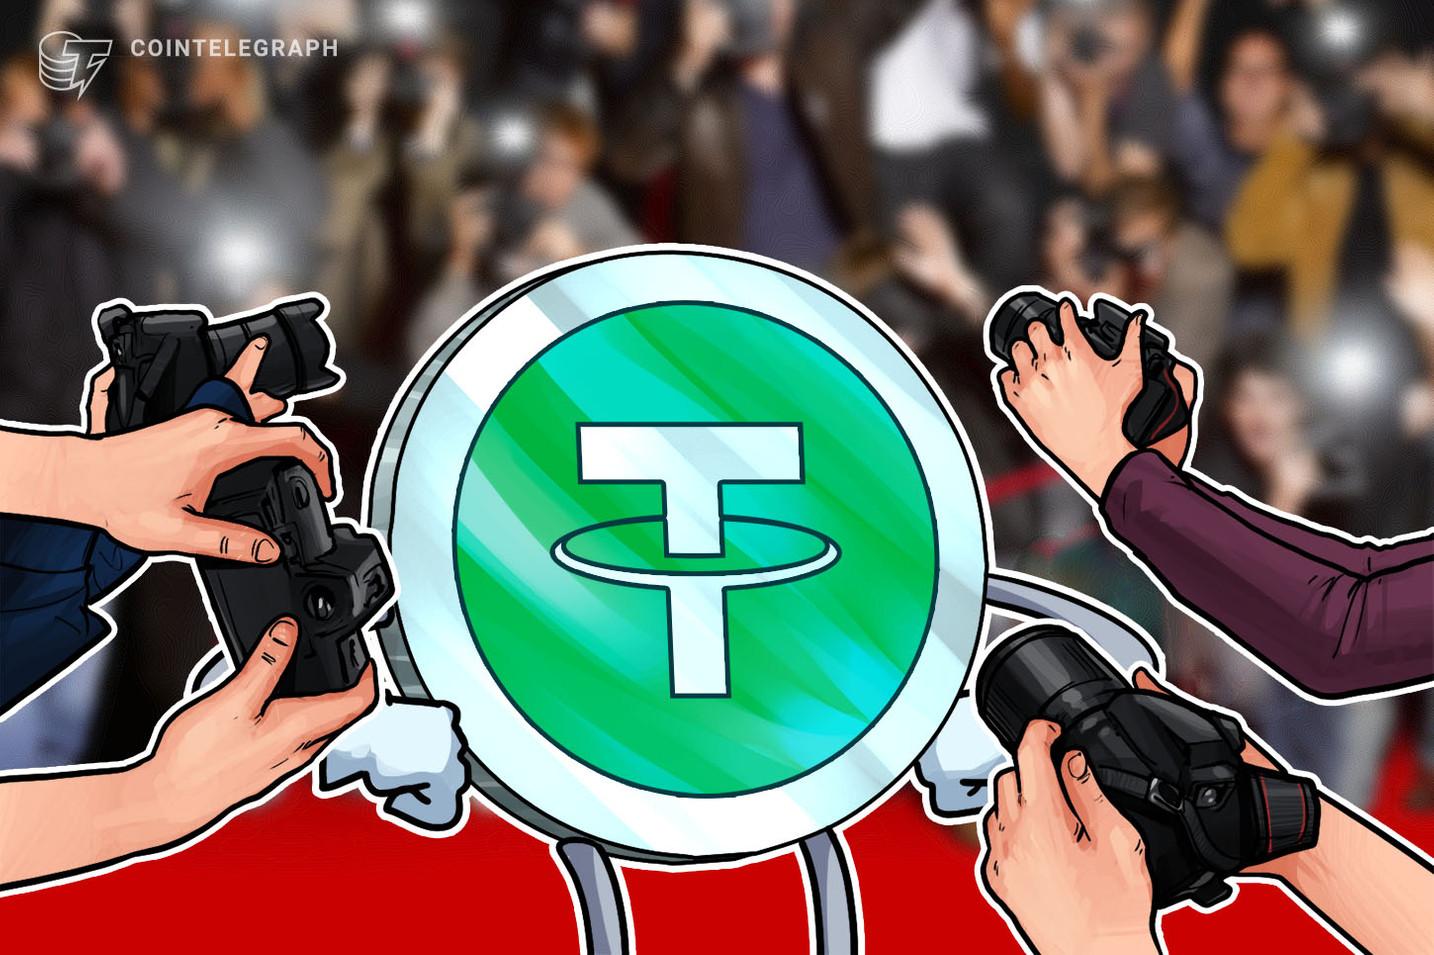 Transferência de US$ 200 milhões em Tether chama atenção e pode movimentar mercado de criptomoedas